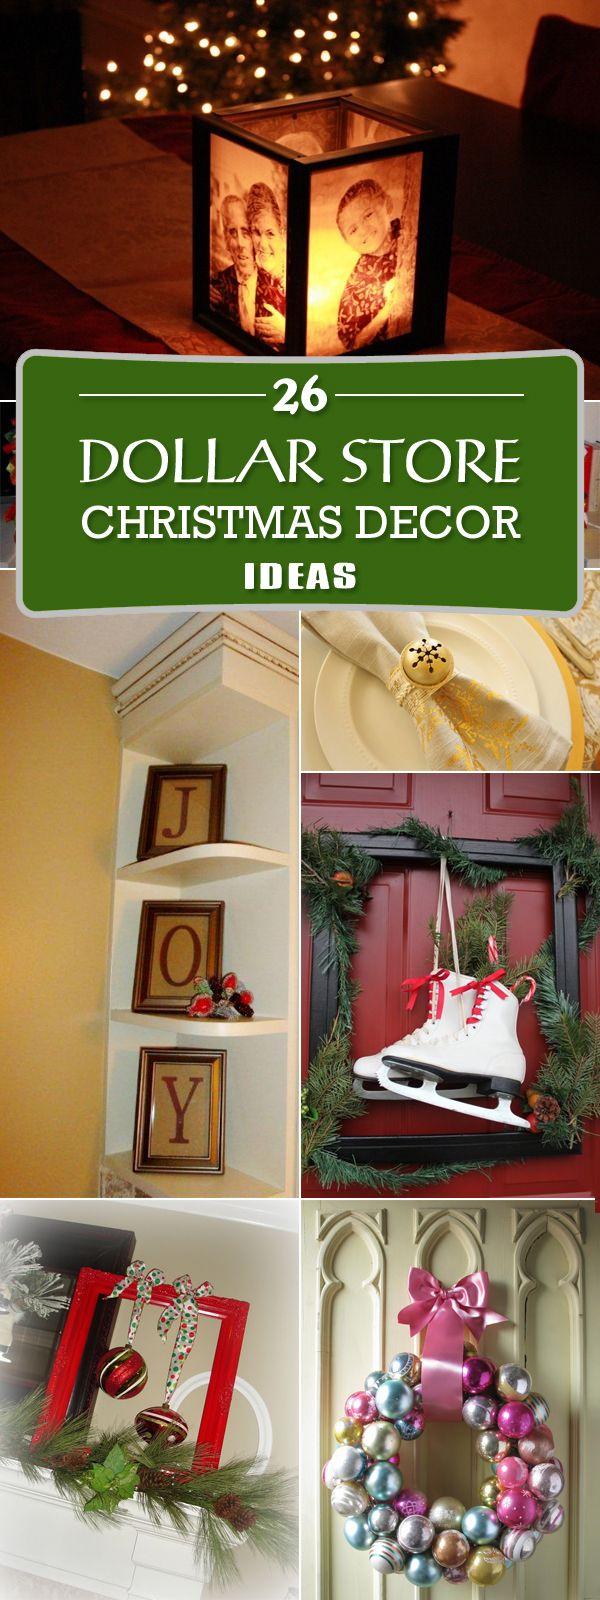 26 Dollar Store Christmas Decor Ideas 69